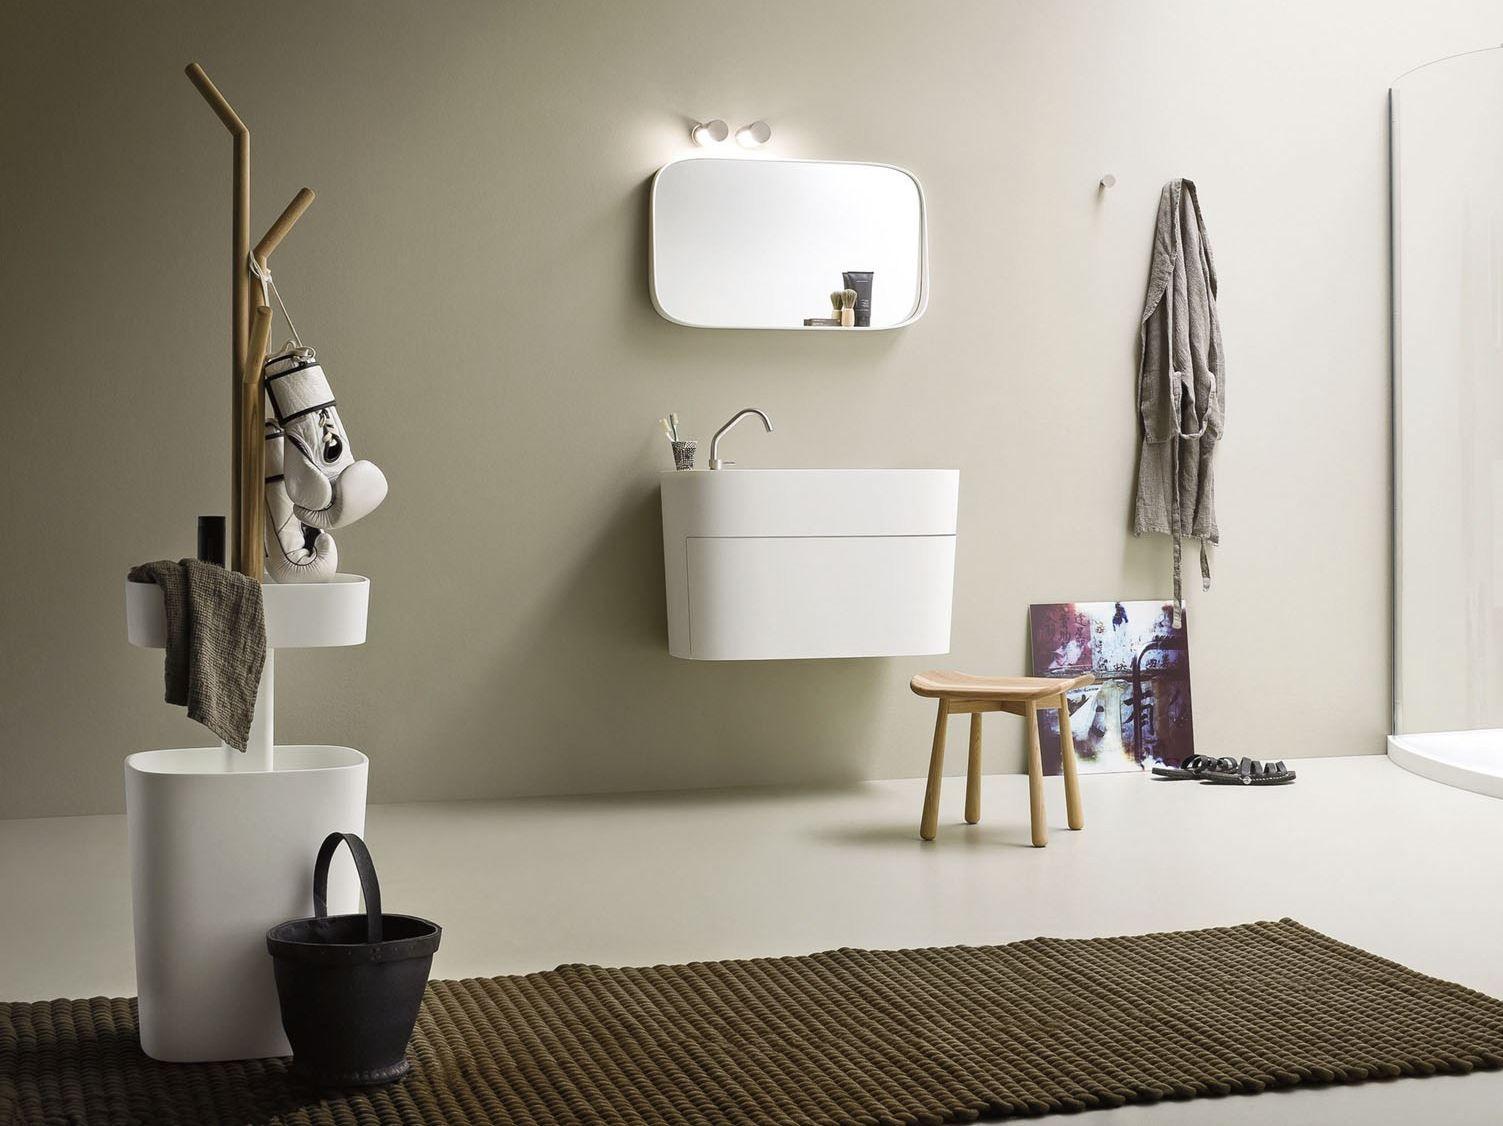 fonte panier linge by rexa design design monica graffeo. Black Bedroom Furniture Sets. Home Design Ideas